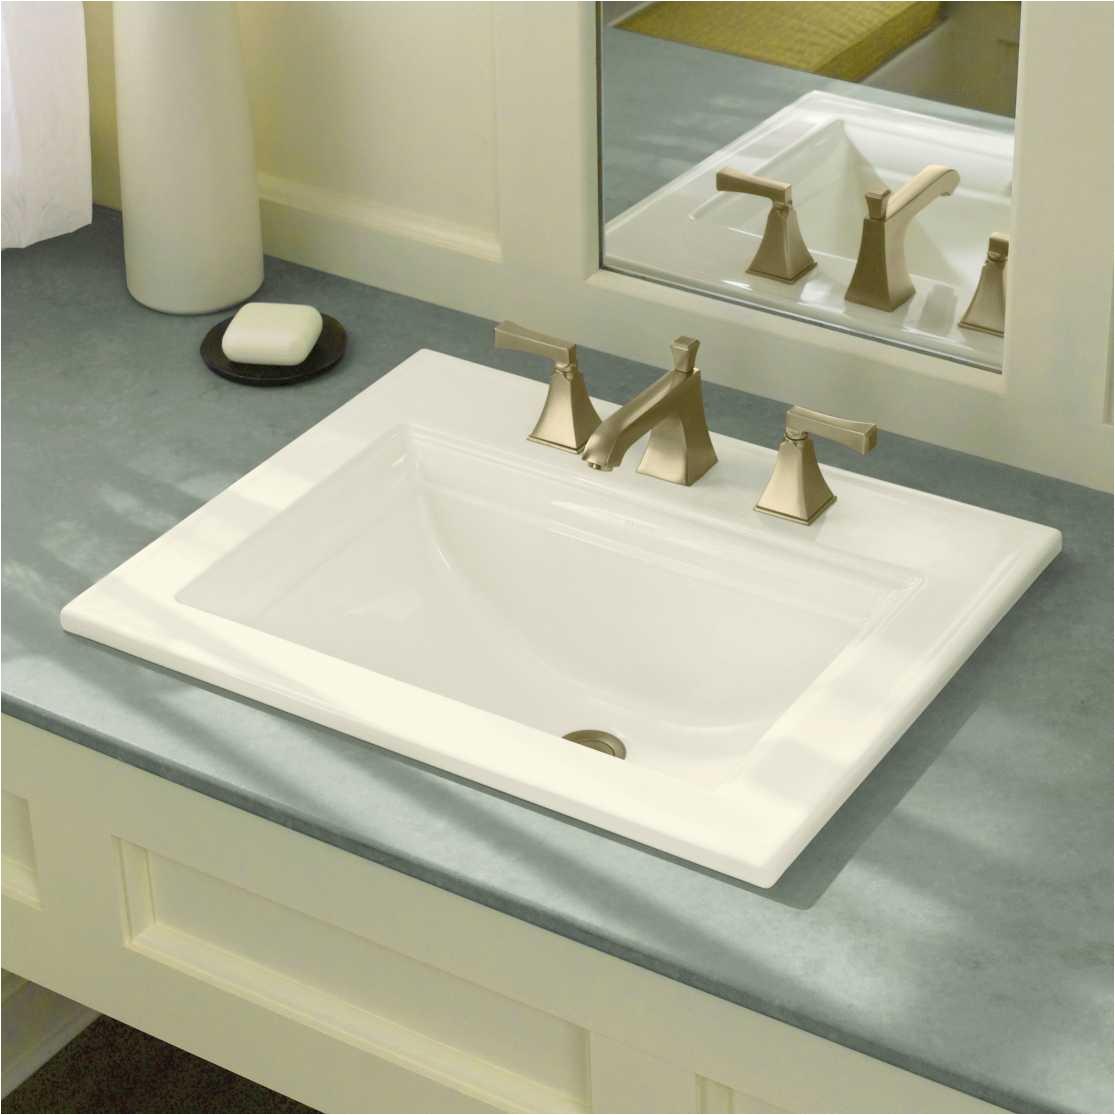 Plastic Bathtub Liner Short Information Bathtub Refinishing Vs Liners Bathtubs Information